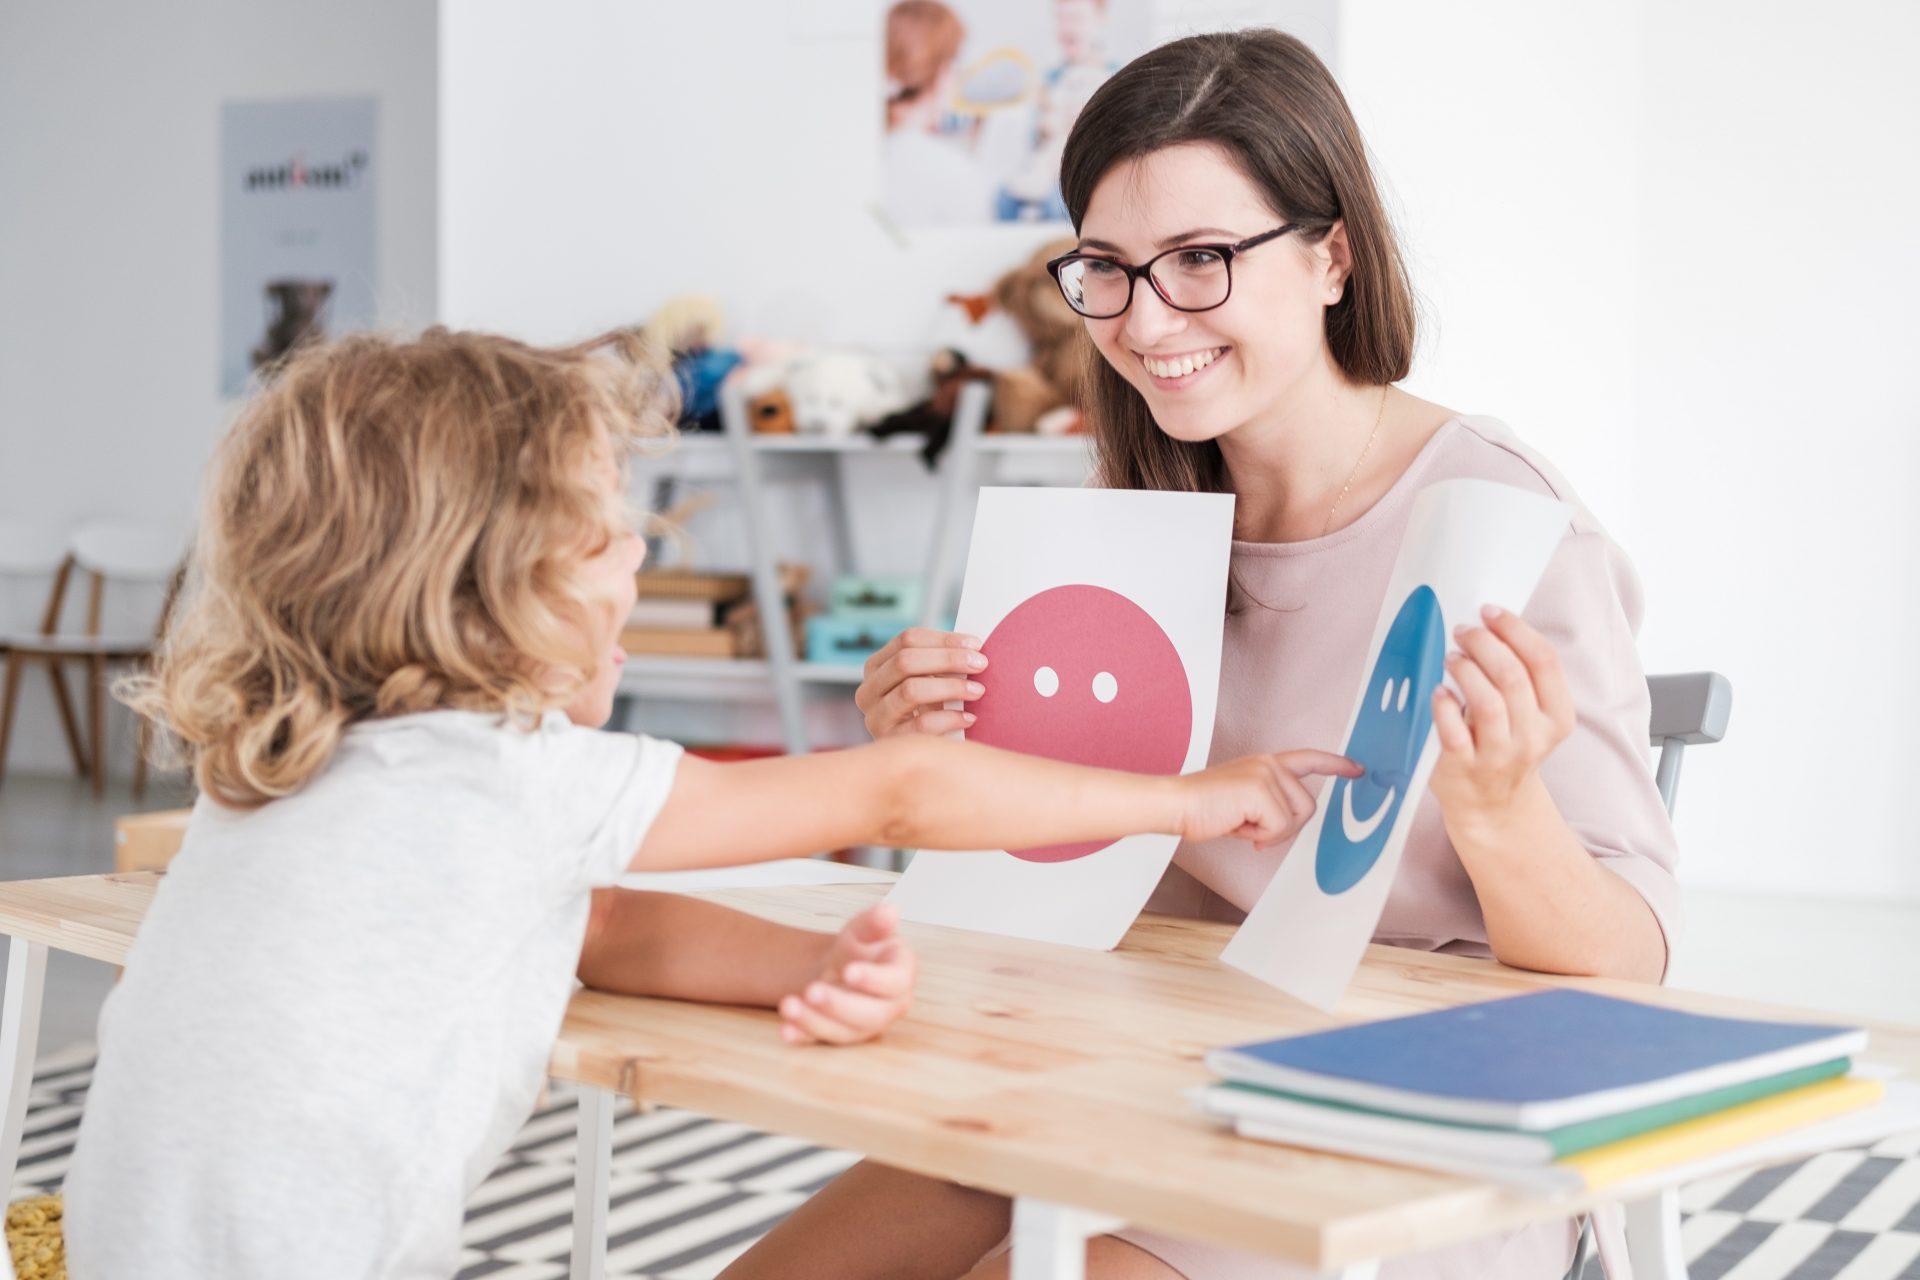 Schulpsychologin arbeitet mit Kind